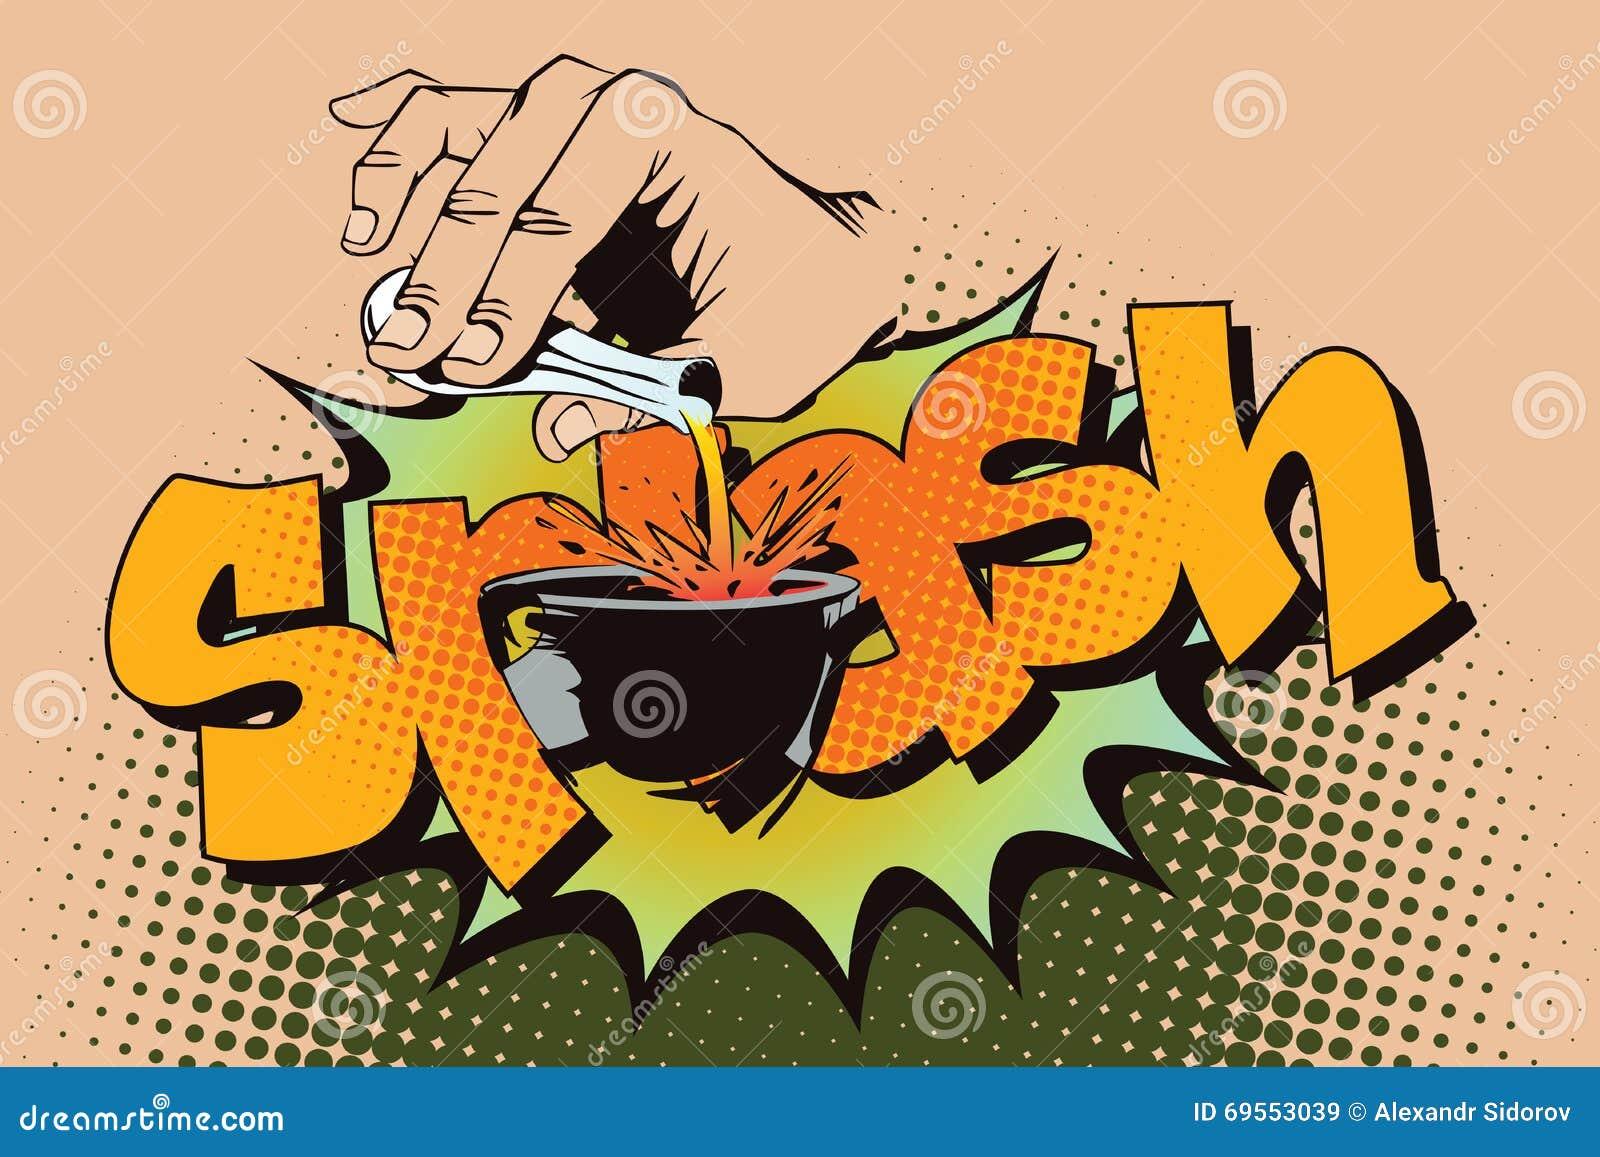 De illustratie van de voorraad Stijl van pop-art en oude strippagina Hand gietende vloeistof van een reageerbuis